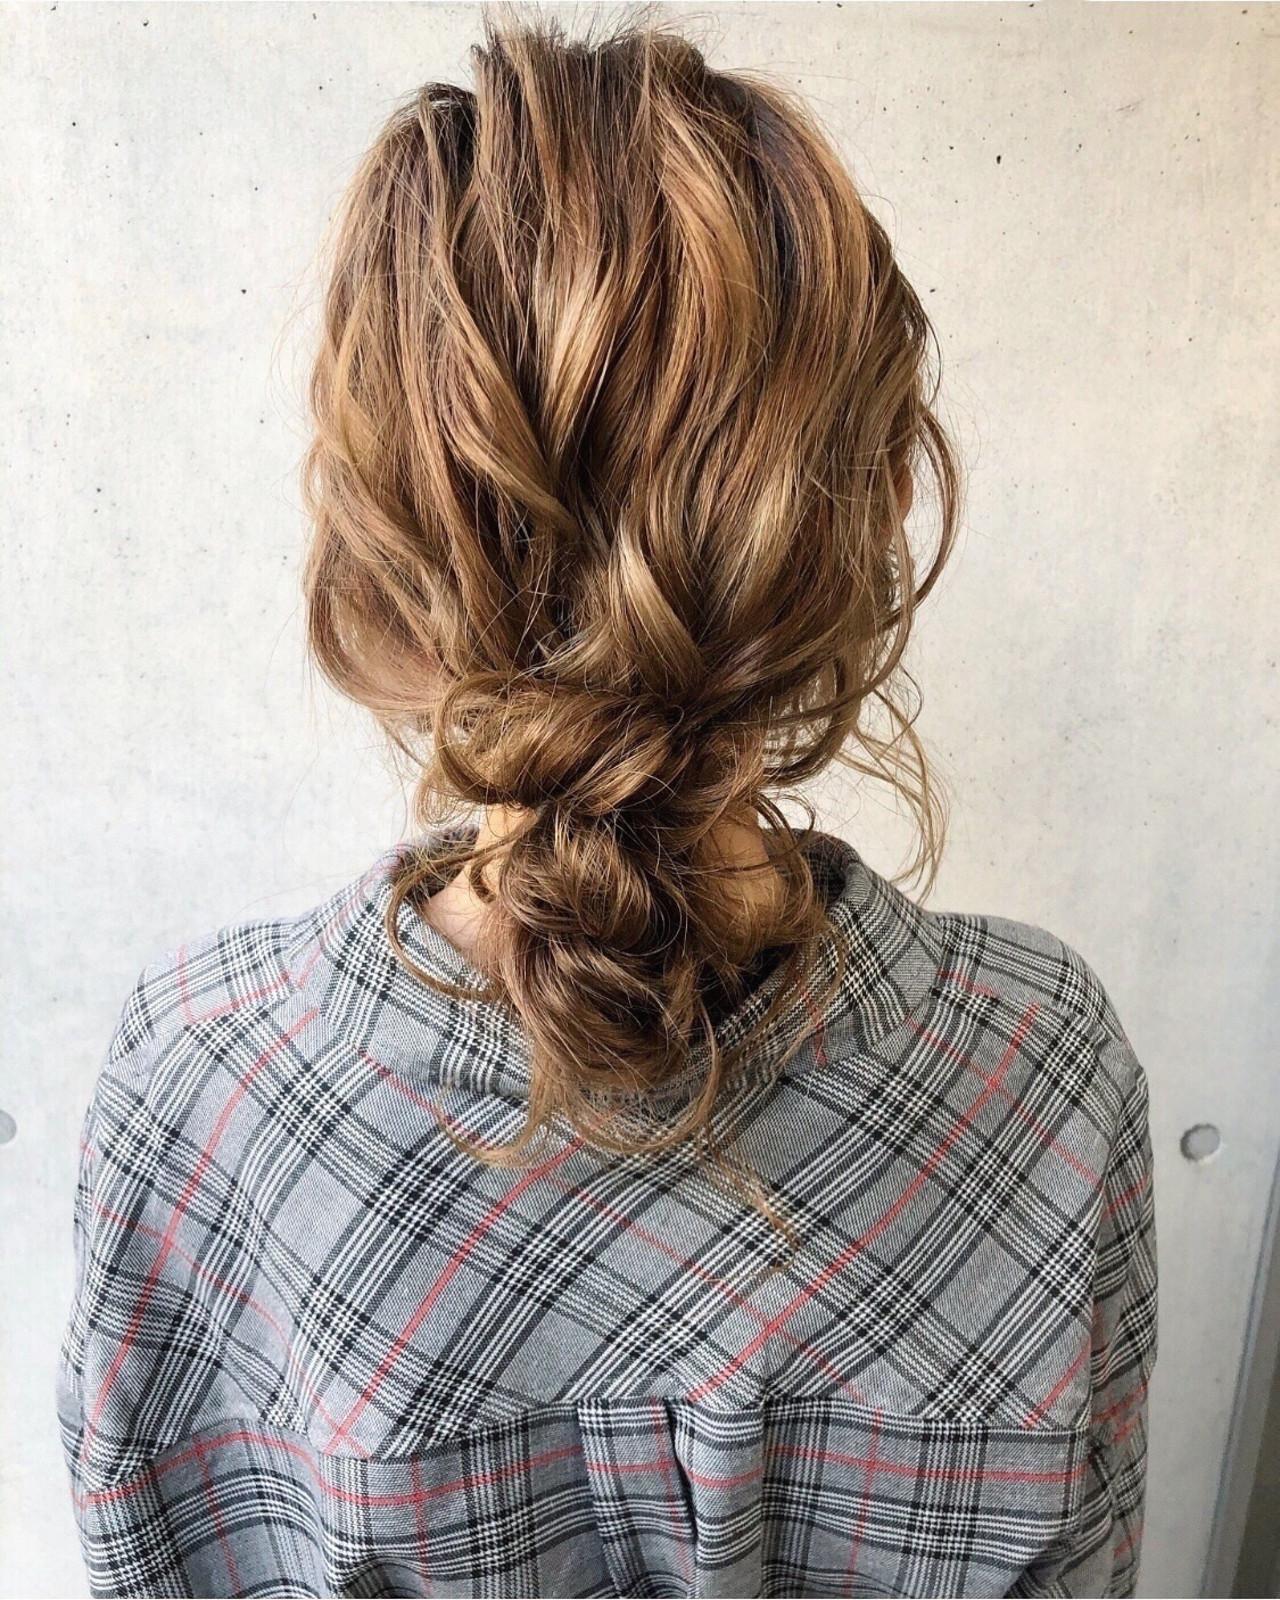 大人かわいい アンニュイほつれヘア 簡単ヘアアレンジ セミロング ヘアスタイルや髪型の写真・画像